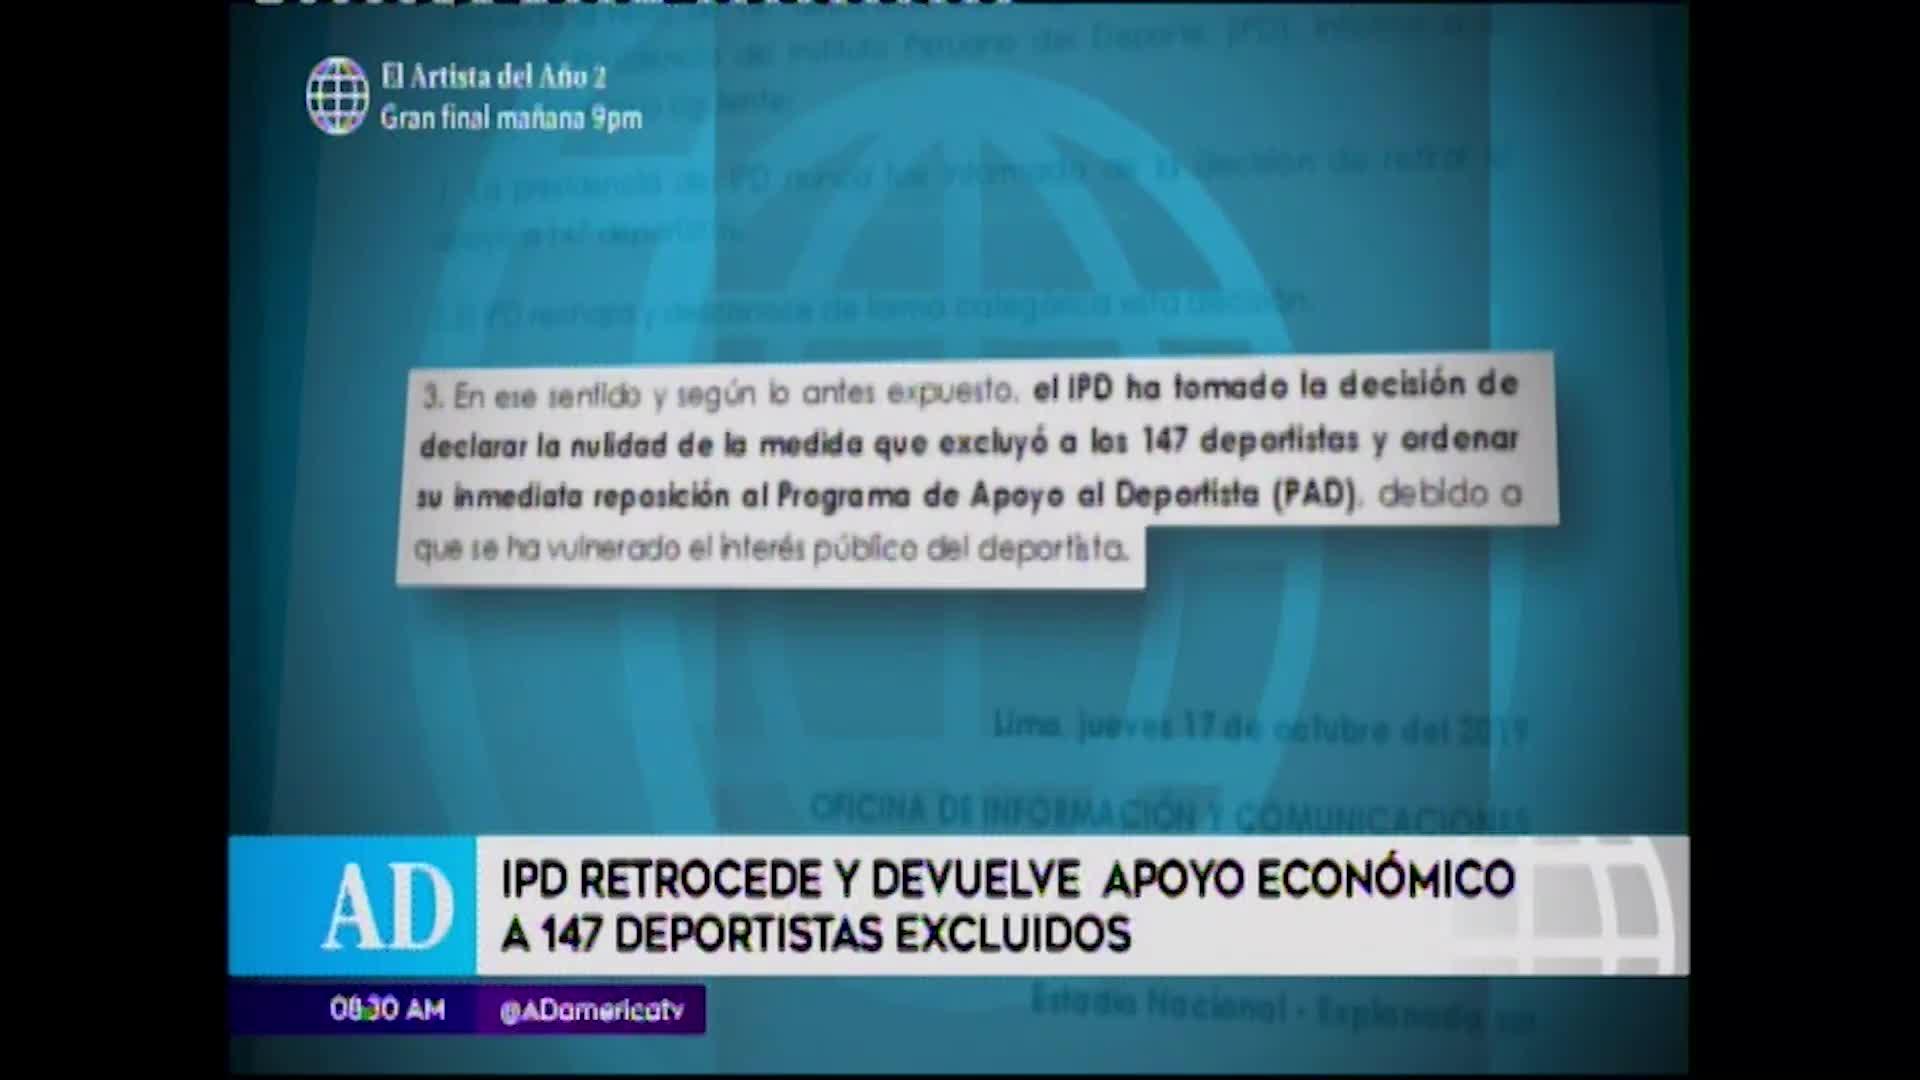 IPD devuelve apoyo económico a deportistas peruanos